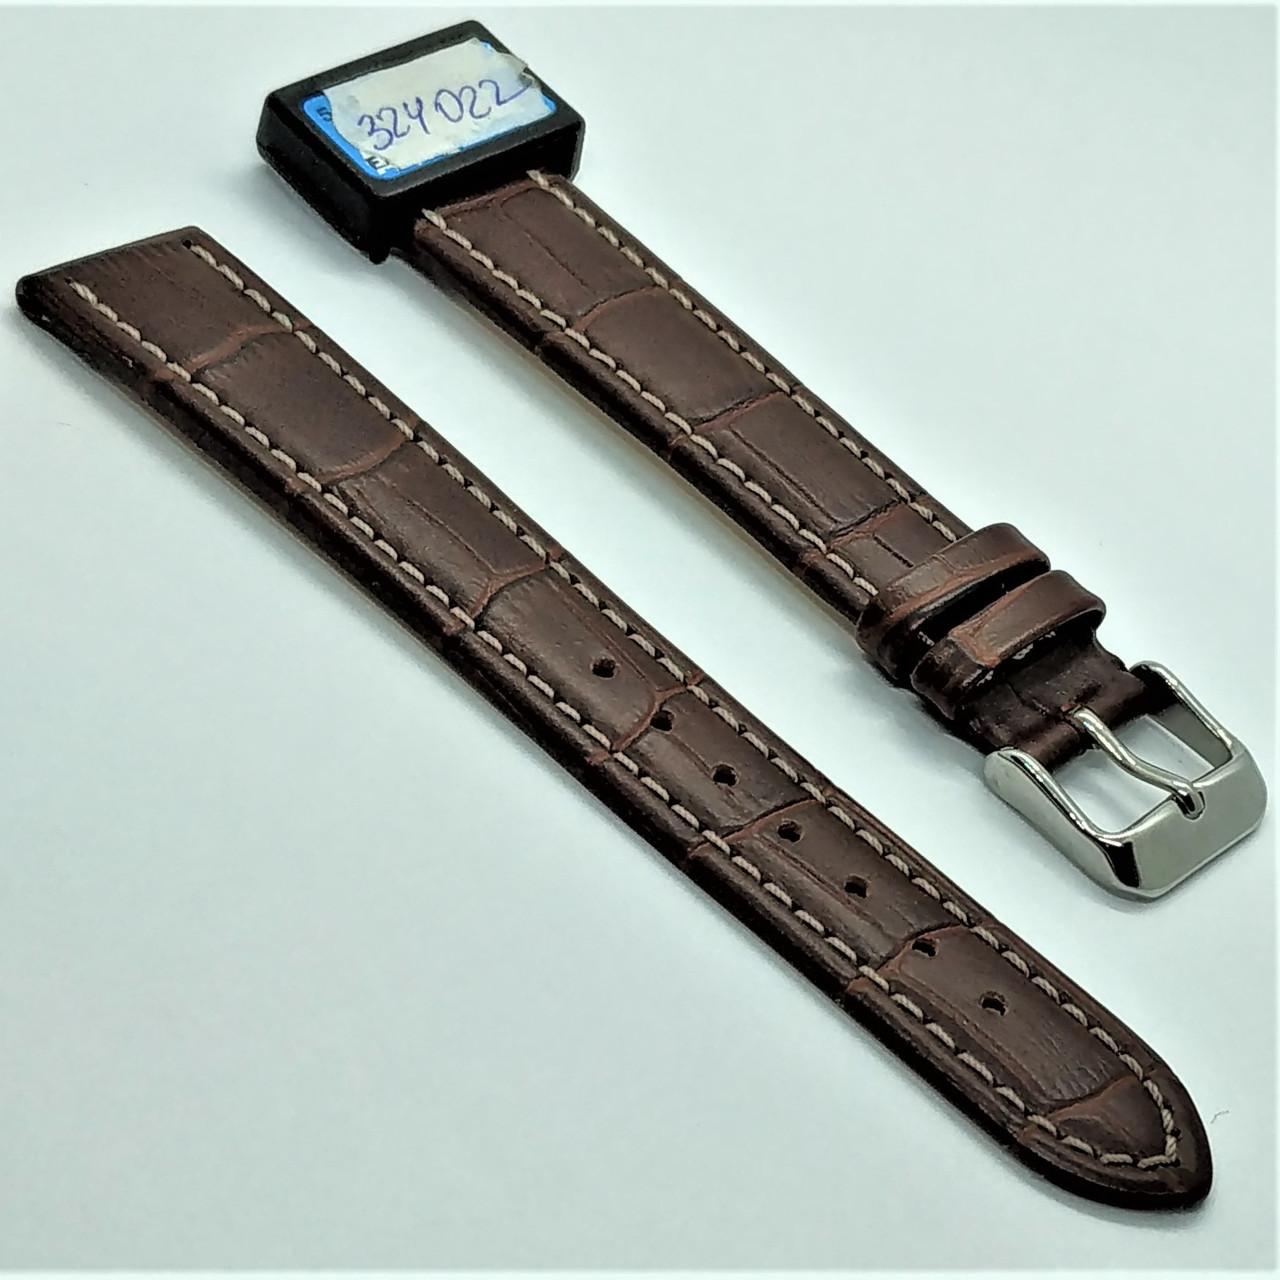 18 мм Кожаный Ремешок для часов CONDOR 518L.18.02 Коричневый Ремешок на часы из Натуральной кожи удлиненный